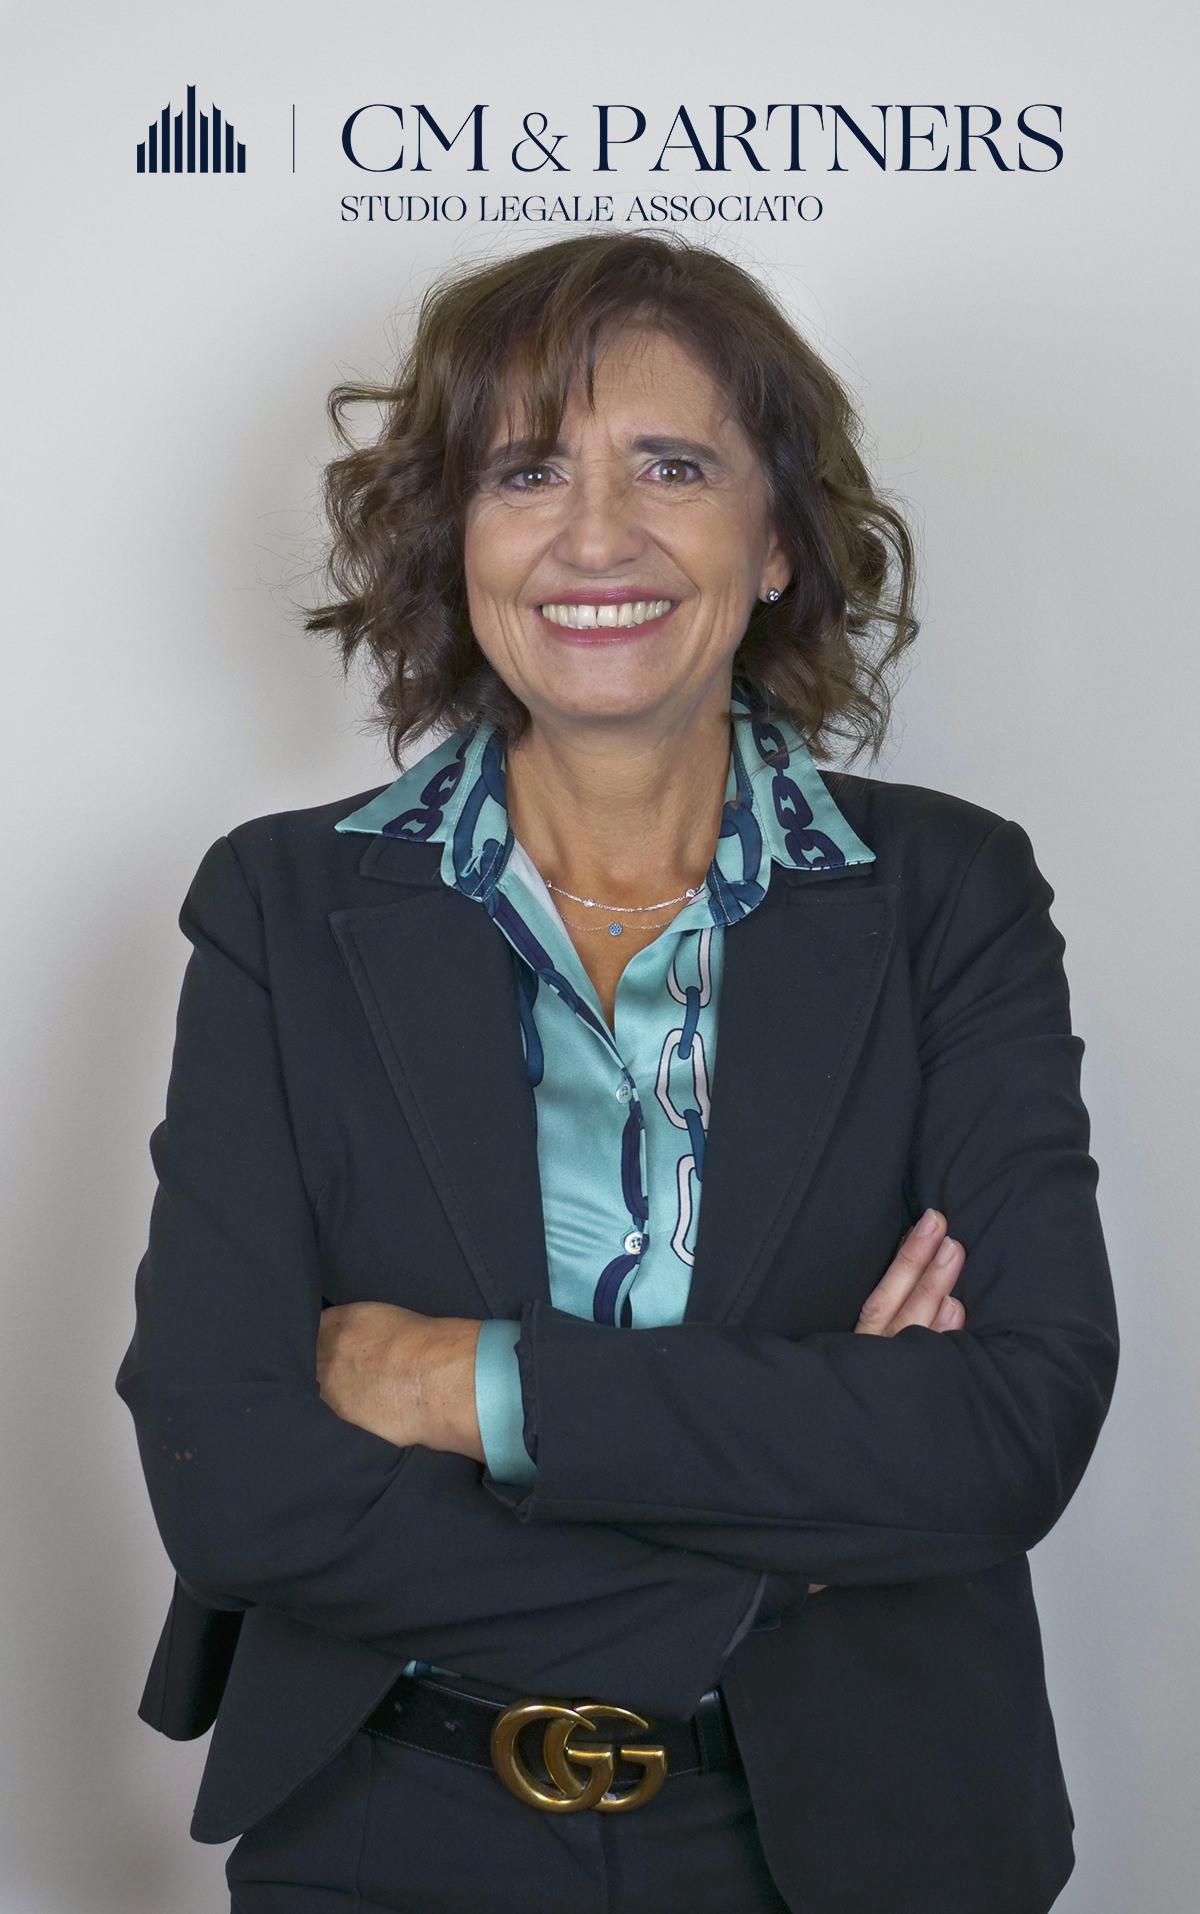 Avv. Nicoletta Giulia Cuomo